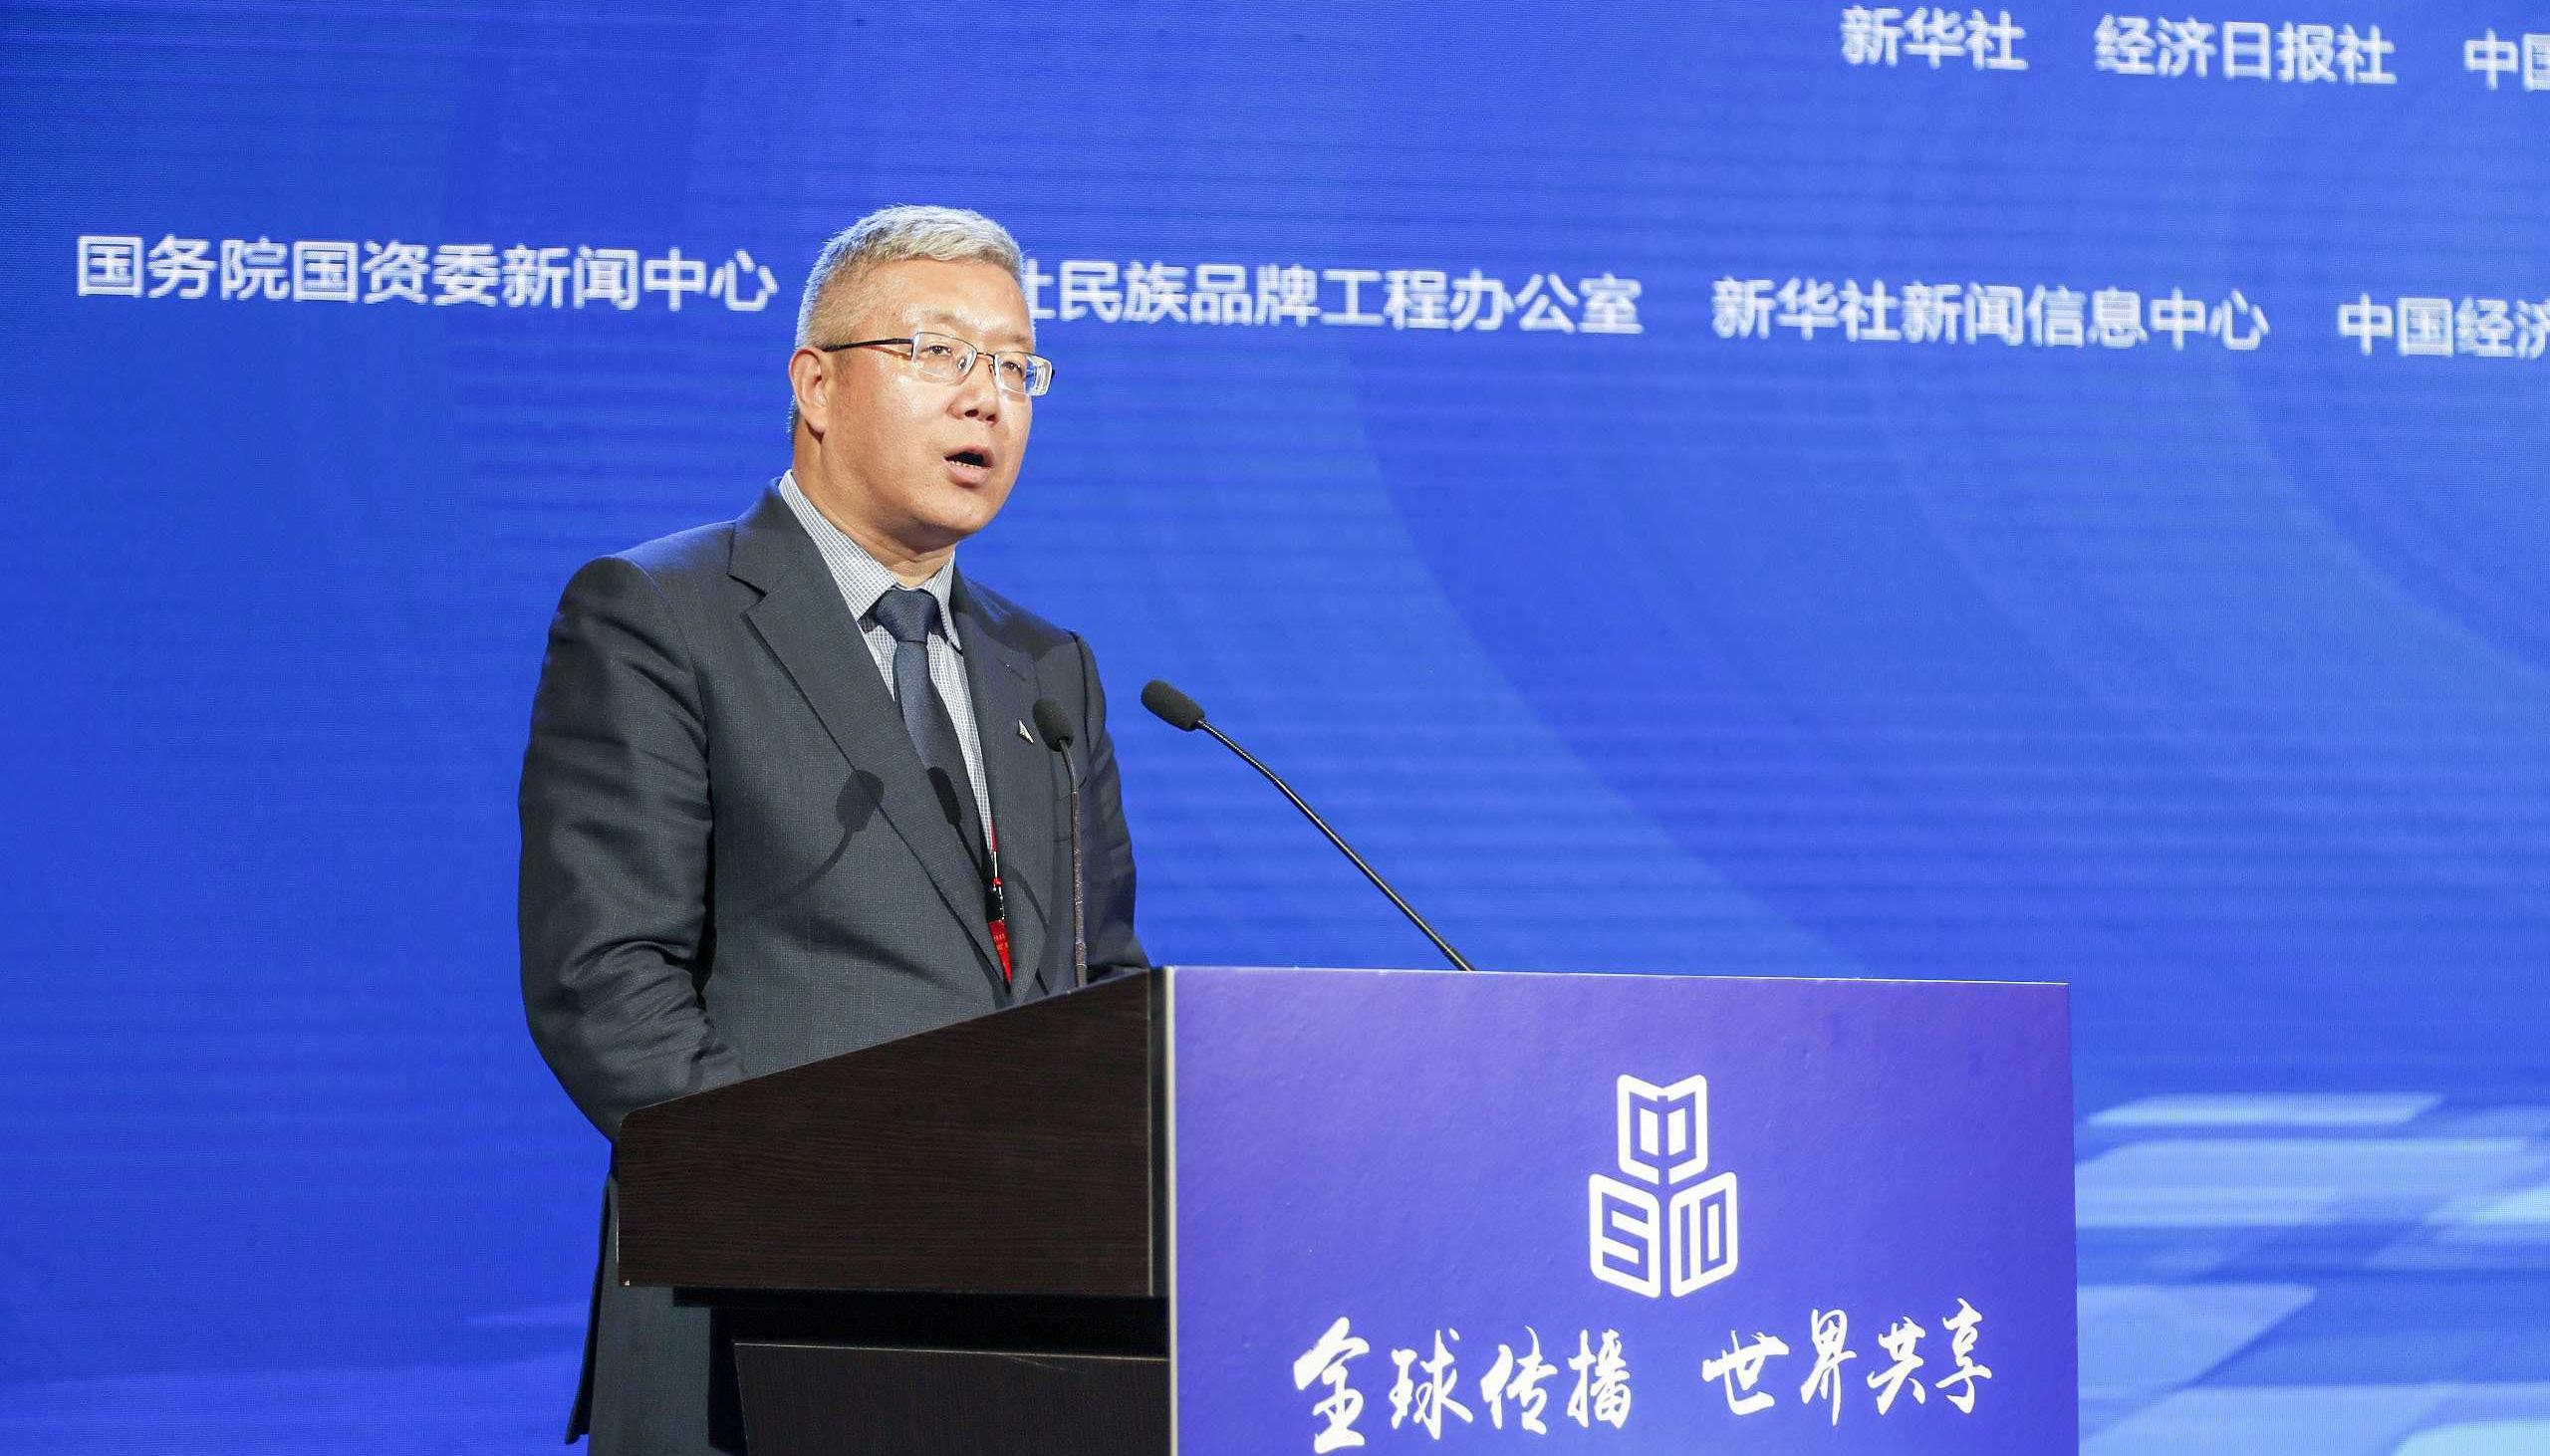 張京康:品牌引領作用將在居民消費決策中發揮重要影響